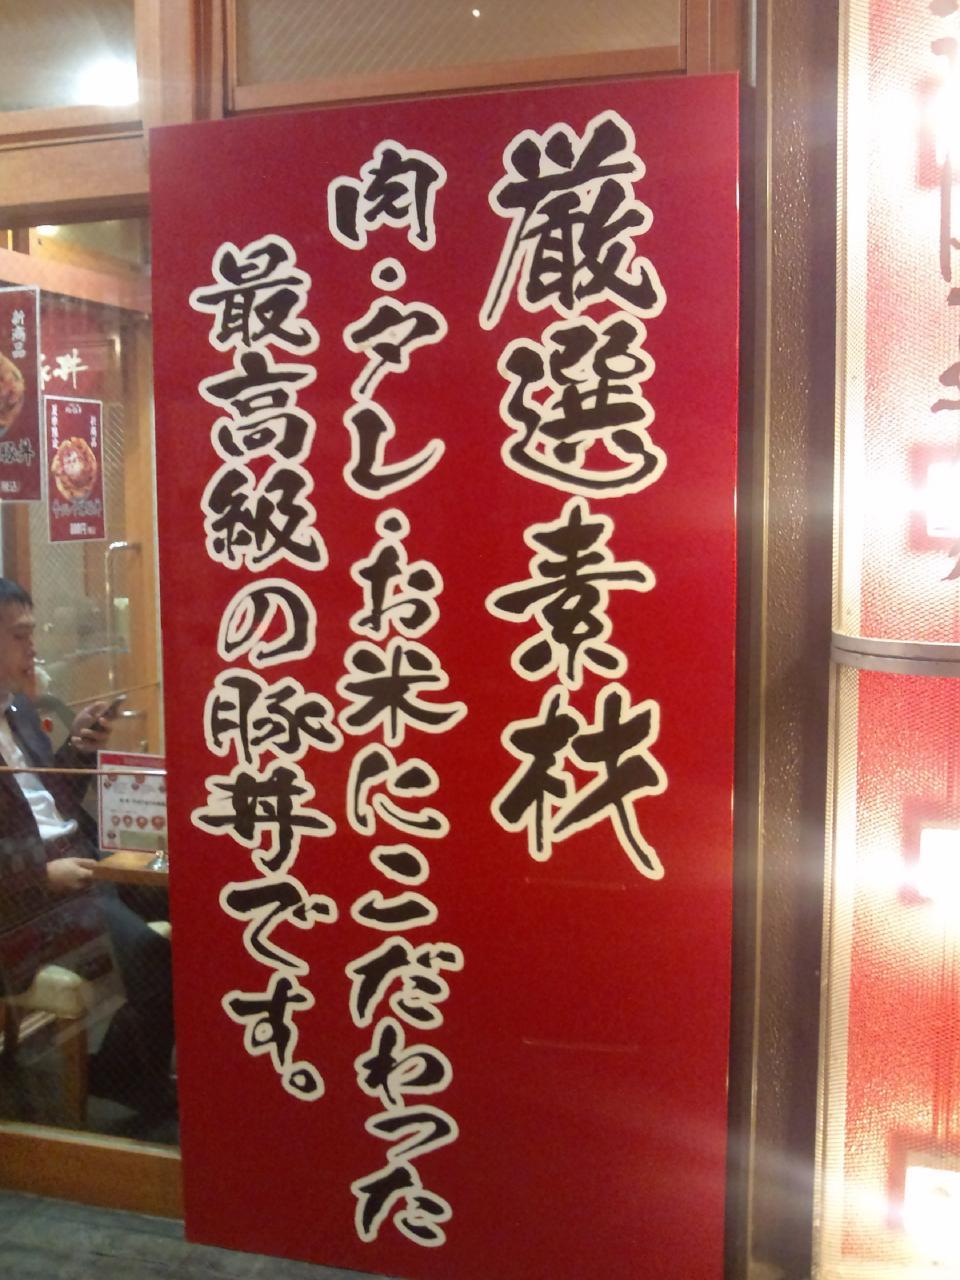 ホエーどん亭品川店(店舗外観)